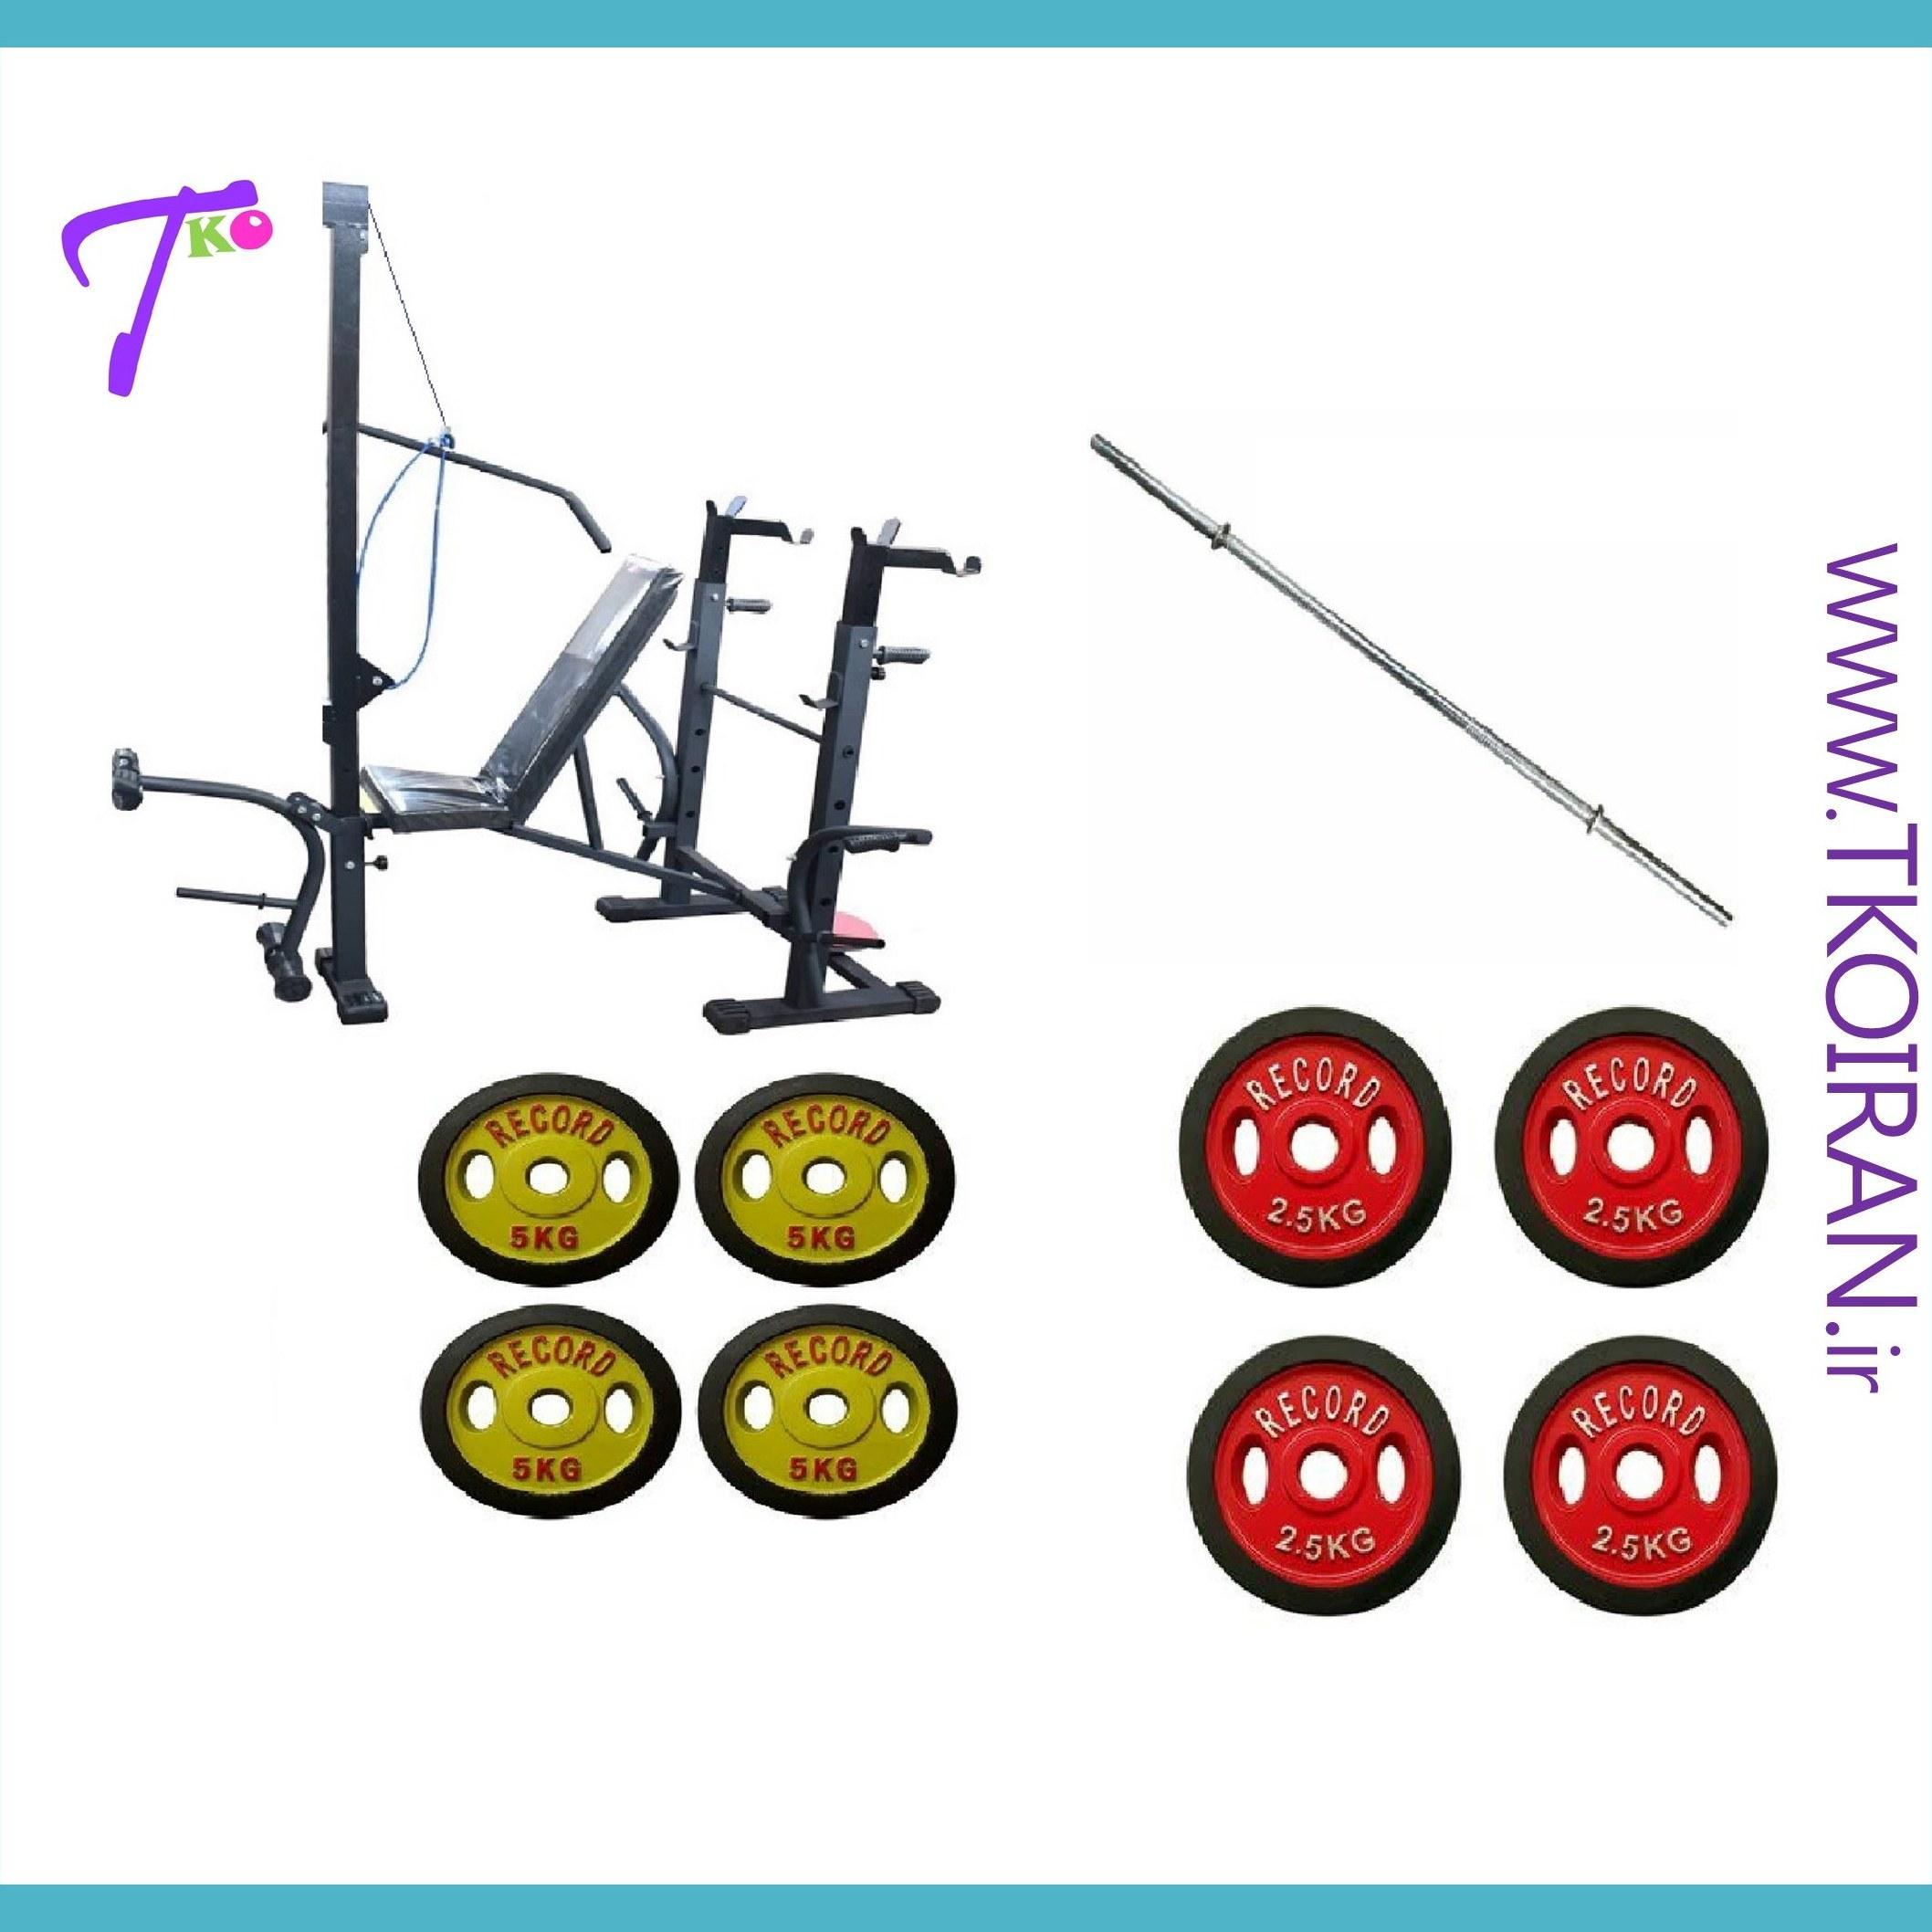 تصویر پکیج بدنسازی تکو 42 (میز 42کاره+میله هالتر+30کیلو وزنه)